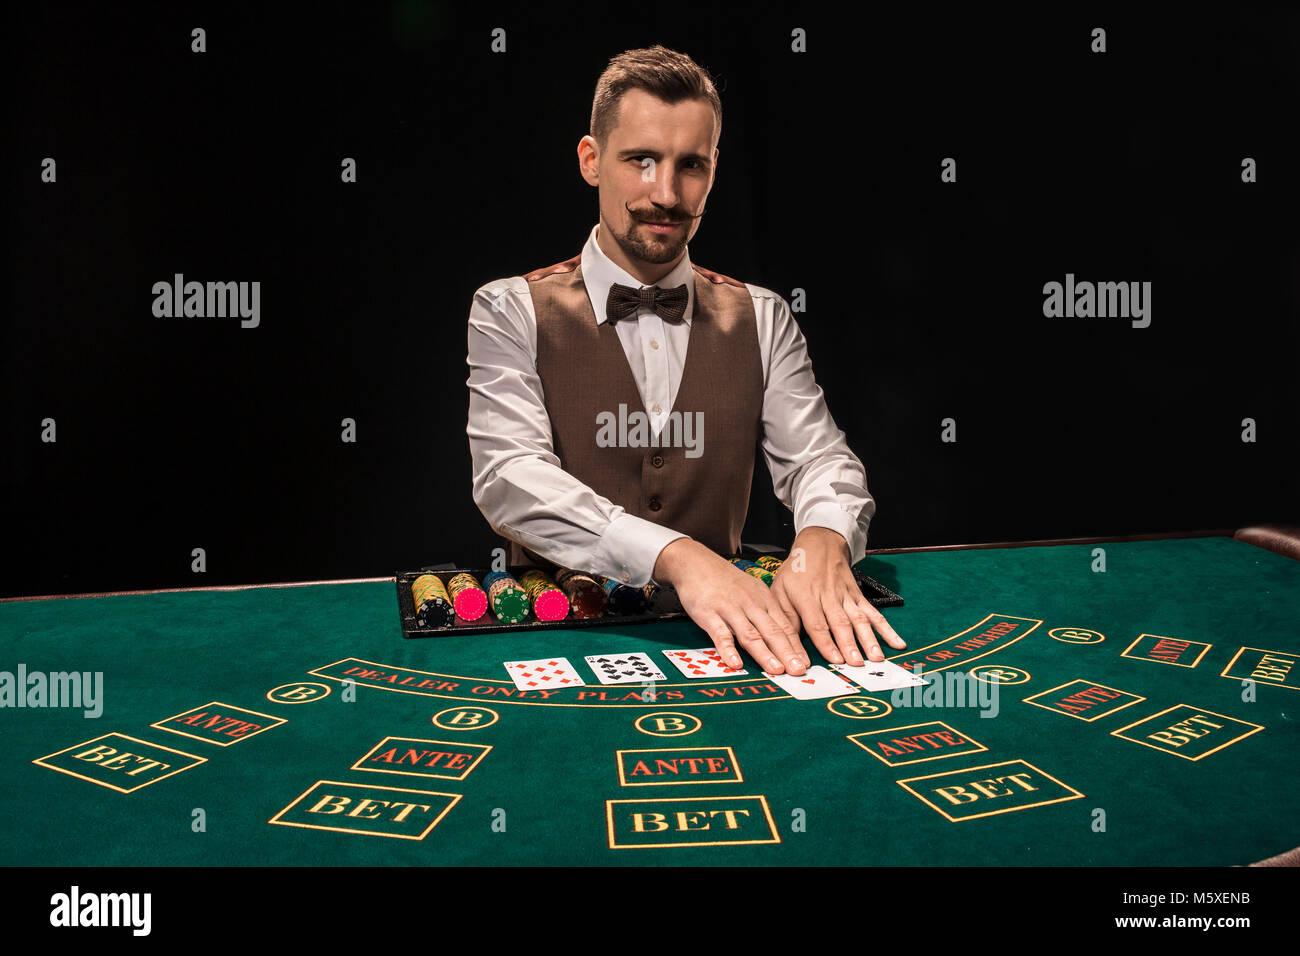 Crupier detrás del juego de mesa en un casino Fotografía de stock - Alamy